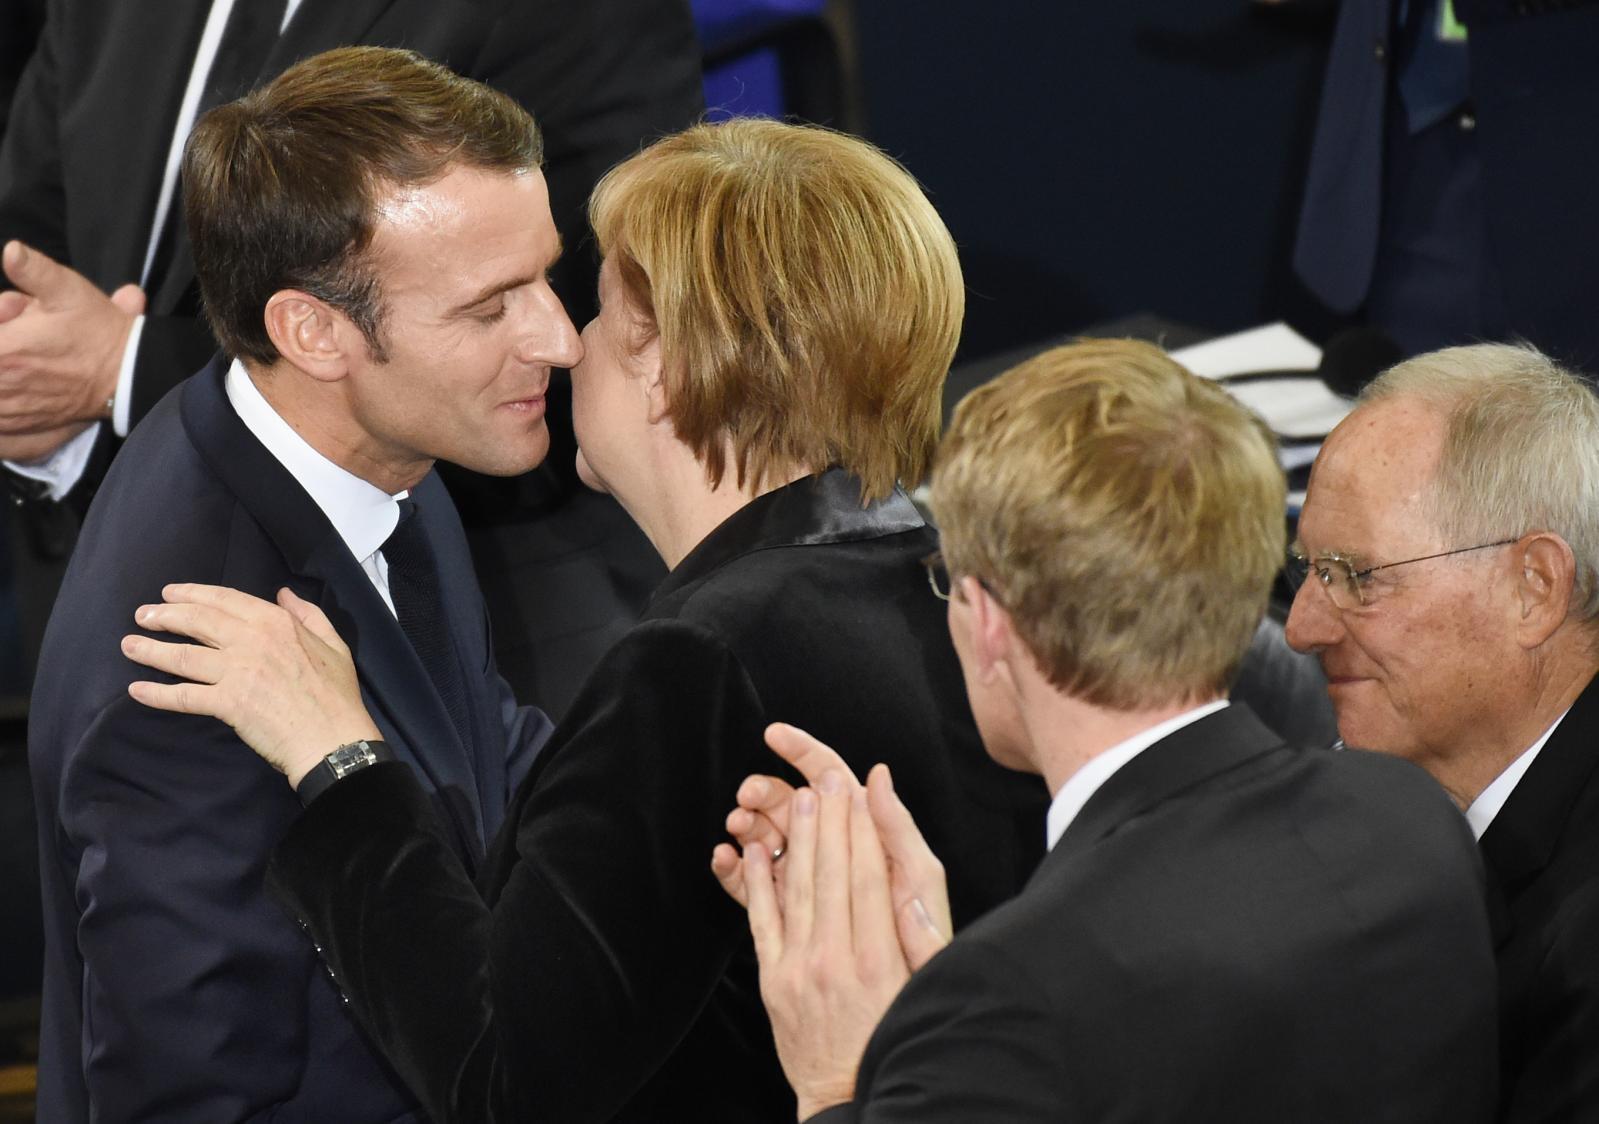 Macron in Merkel, komemoracija ob koncu vojne, Berlin Vir:Pixell